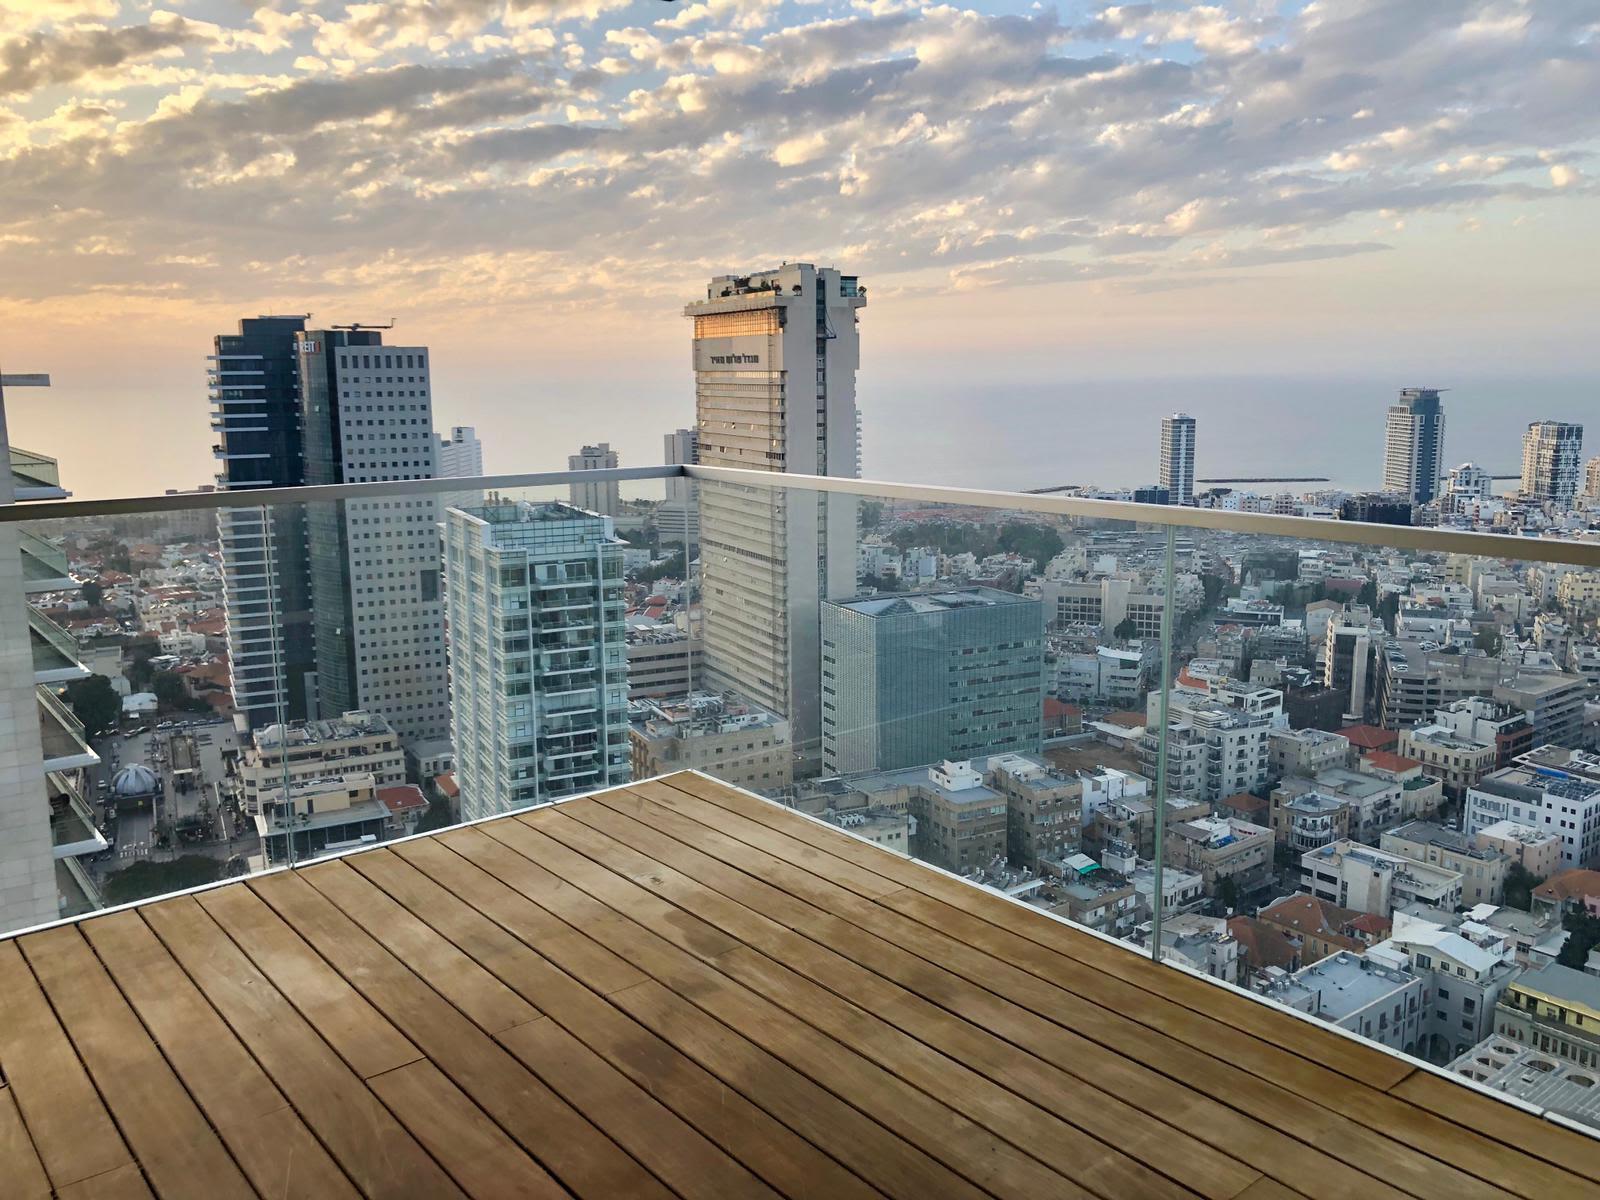 להשכרה דירת יוקרה במגדל ריצא'רד מאייר על רוטשילד תל אביב